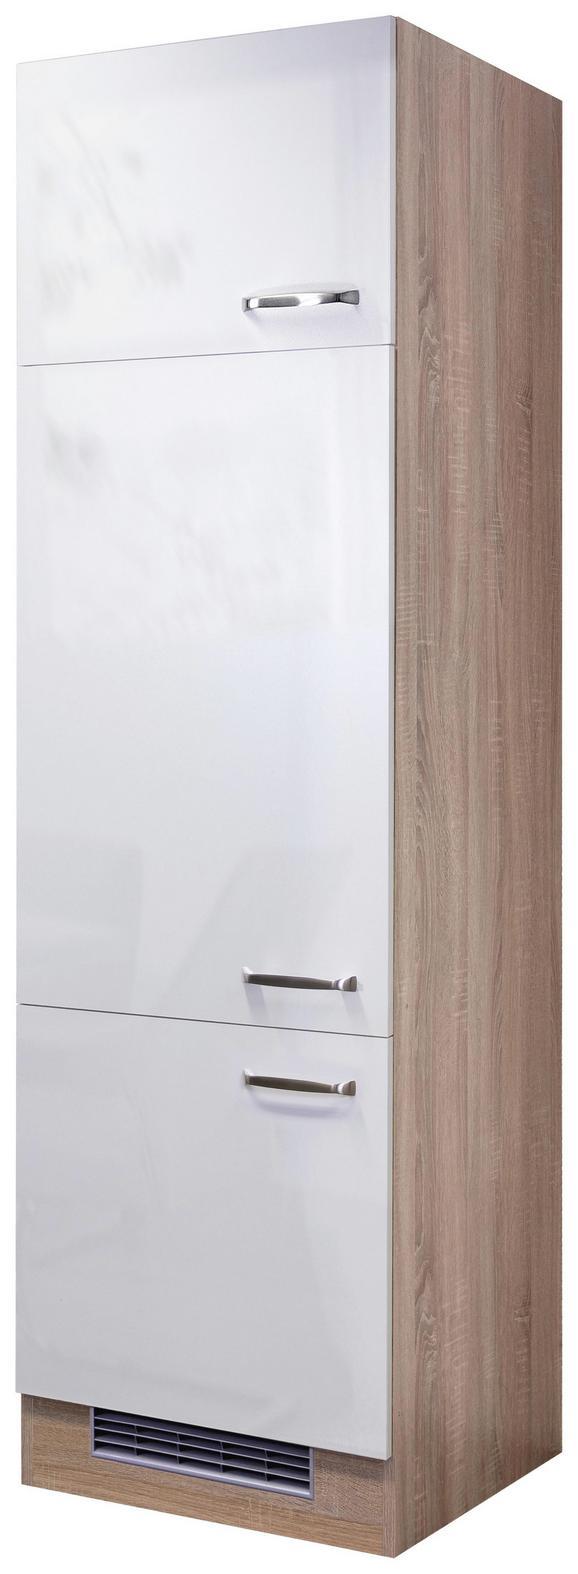 Omara Za Vgradnjo Naprav Venezia Valero - bela/hrast, Moderno, kovina/leseni material (60/200/57cm)